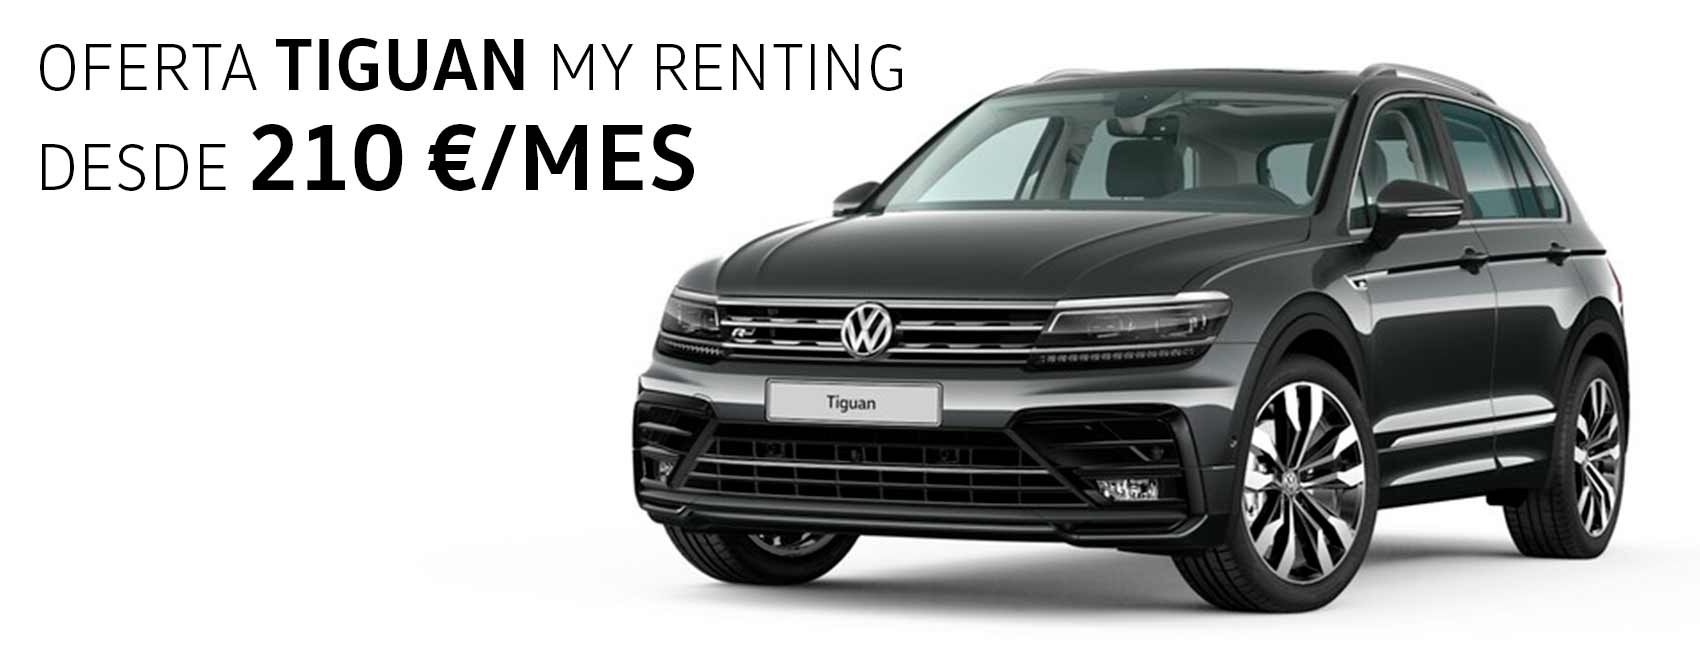 Volkswagen Tiguan renting Zaragoza